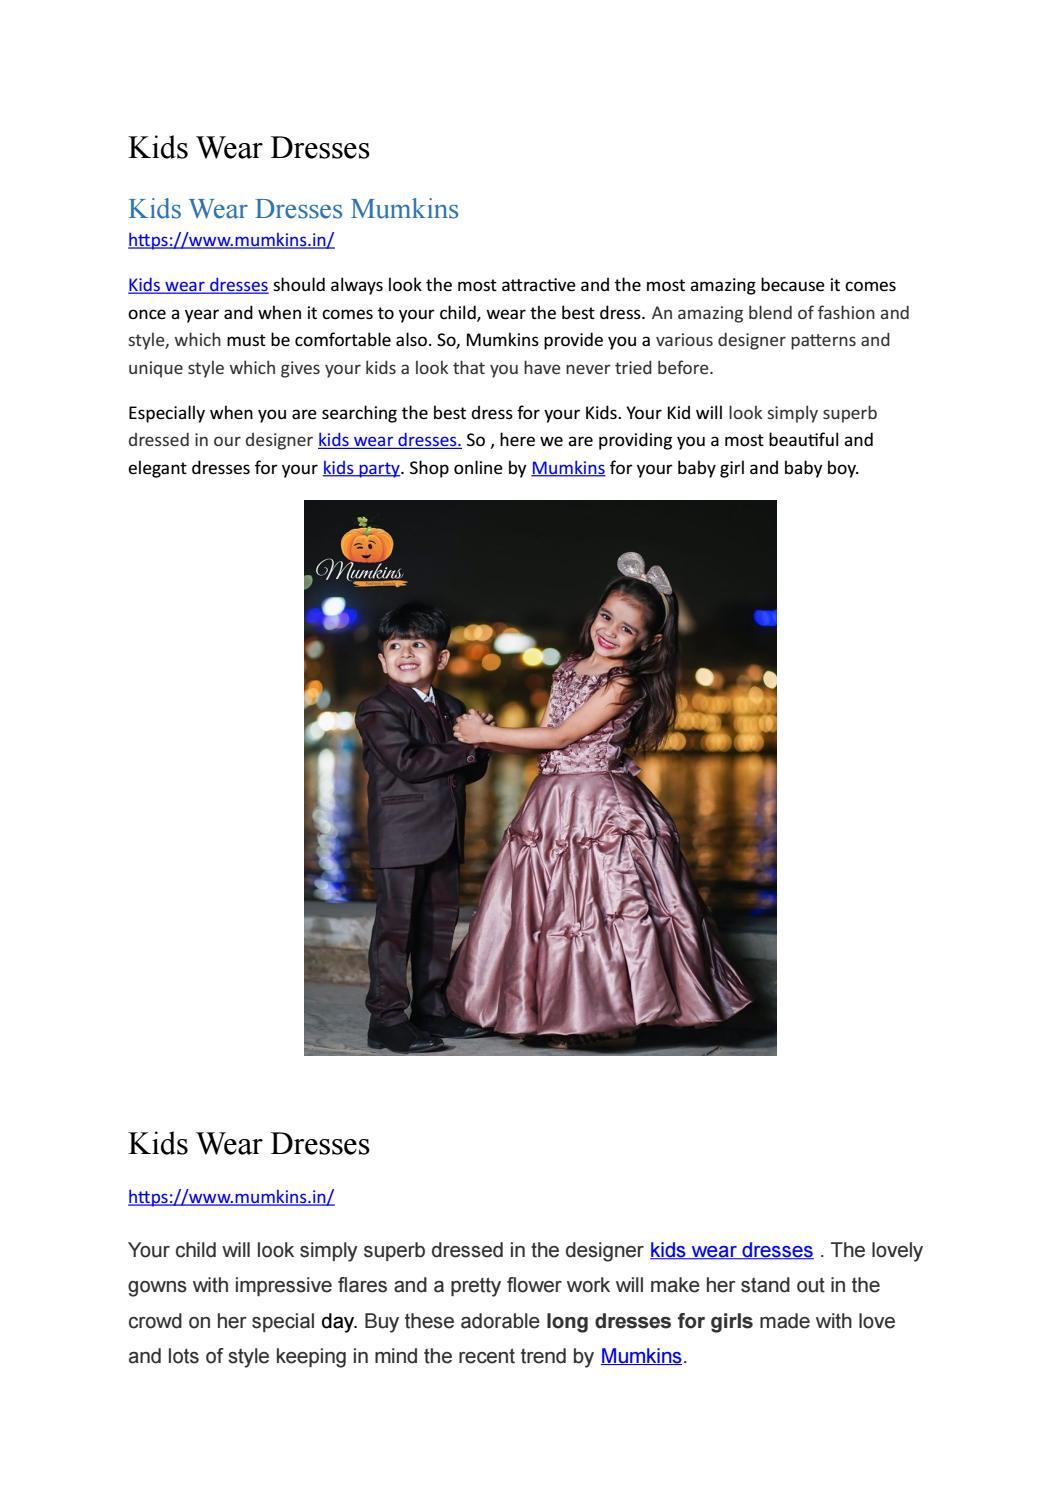 Kids Wear Dresses By Mumkins Seo Issuu